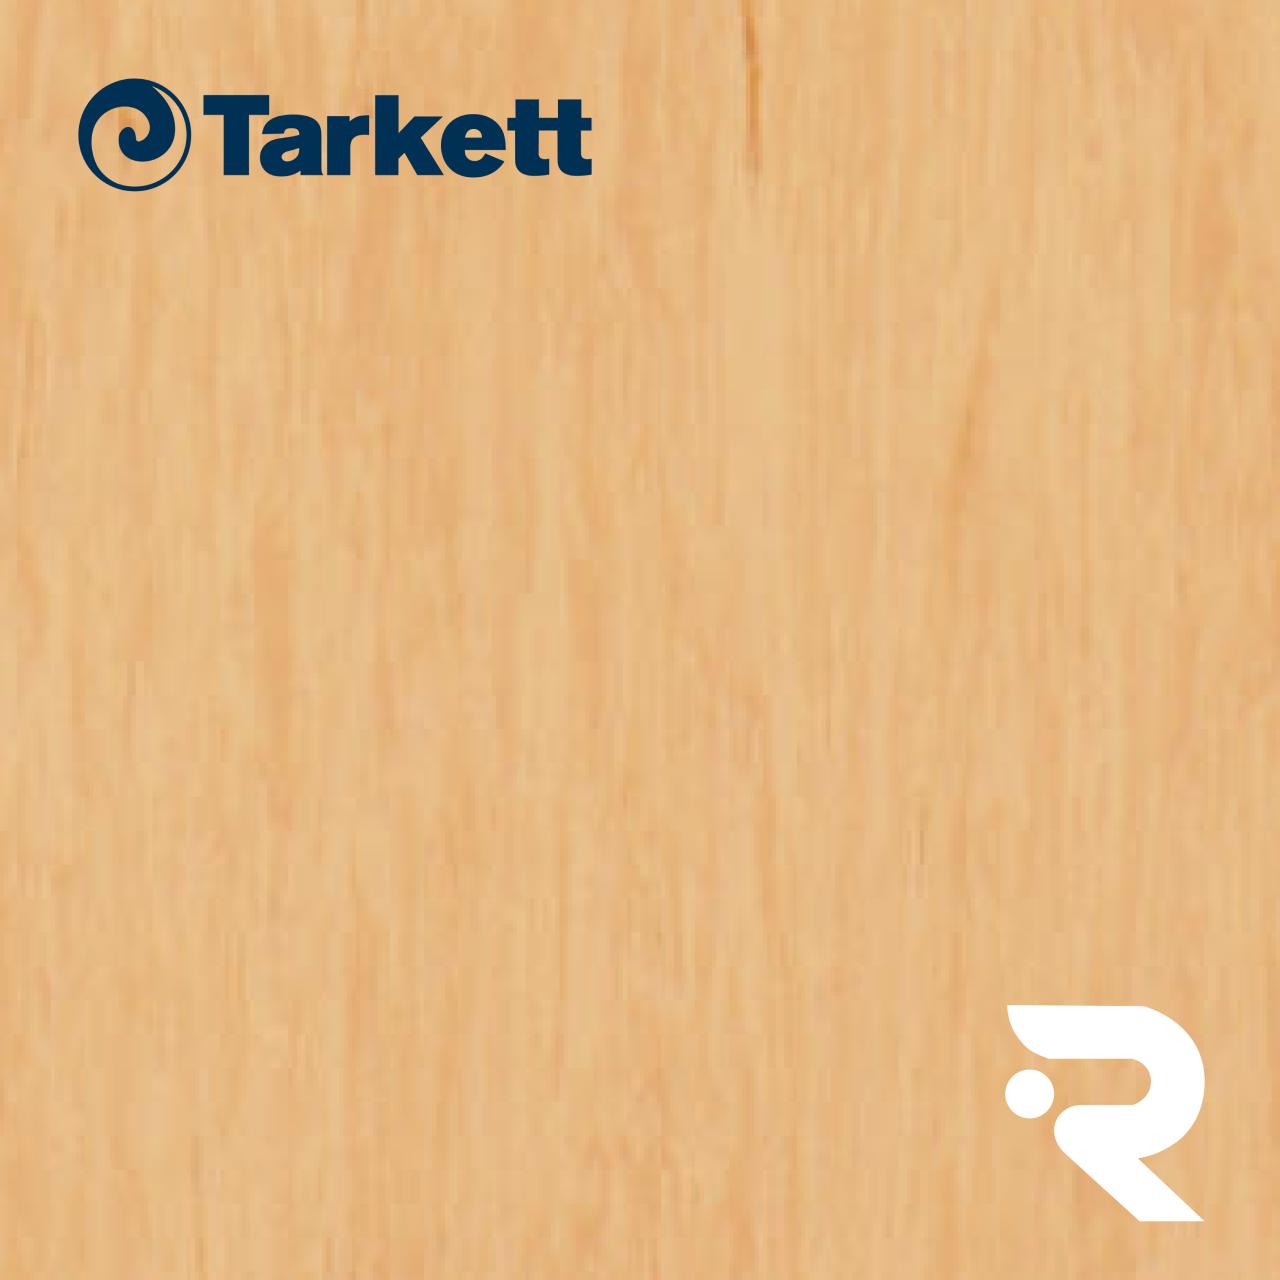 🏫 Гомогенний лінолеум Tarkett | Standard YELLOW 0485 | Standard Plus 2.0 mm | 2 х 23 м